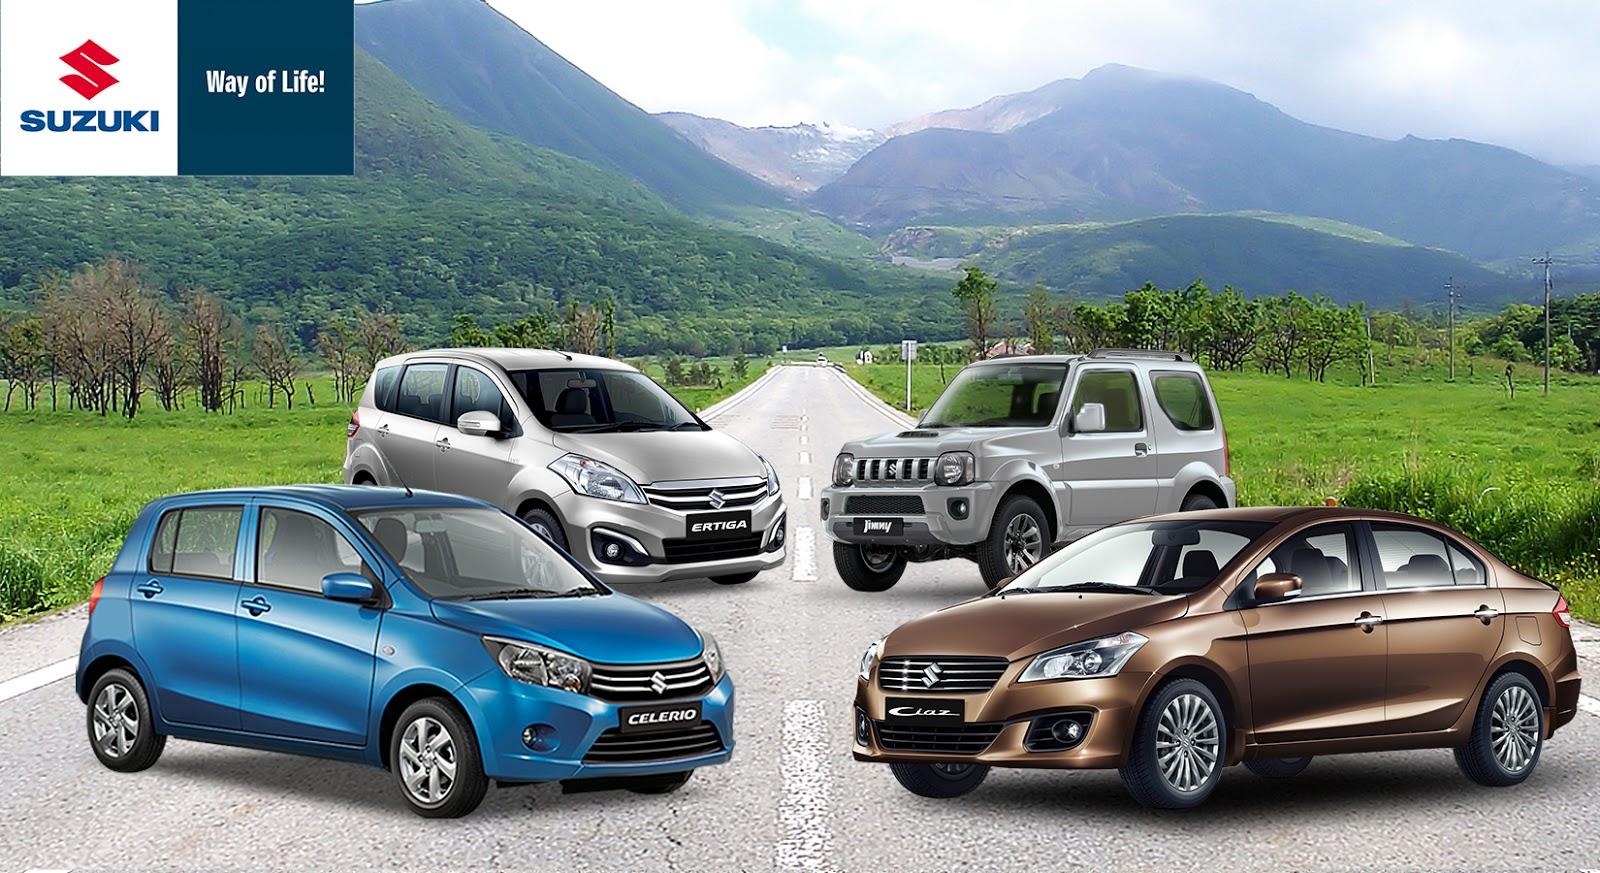 Suzuki ends 2016 on a high note